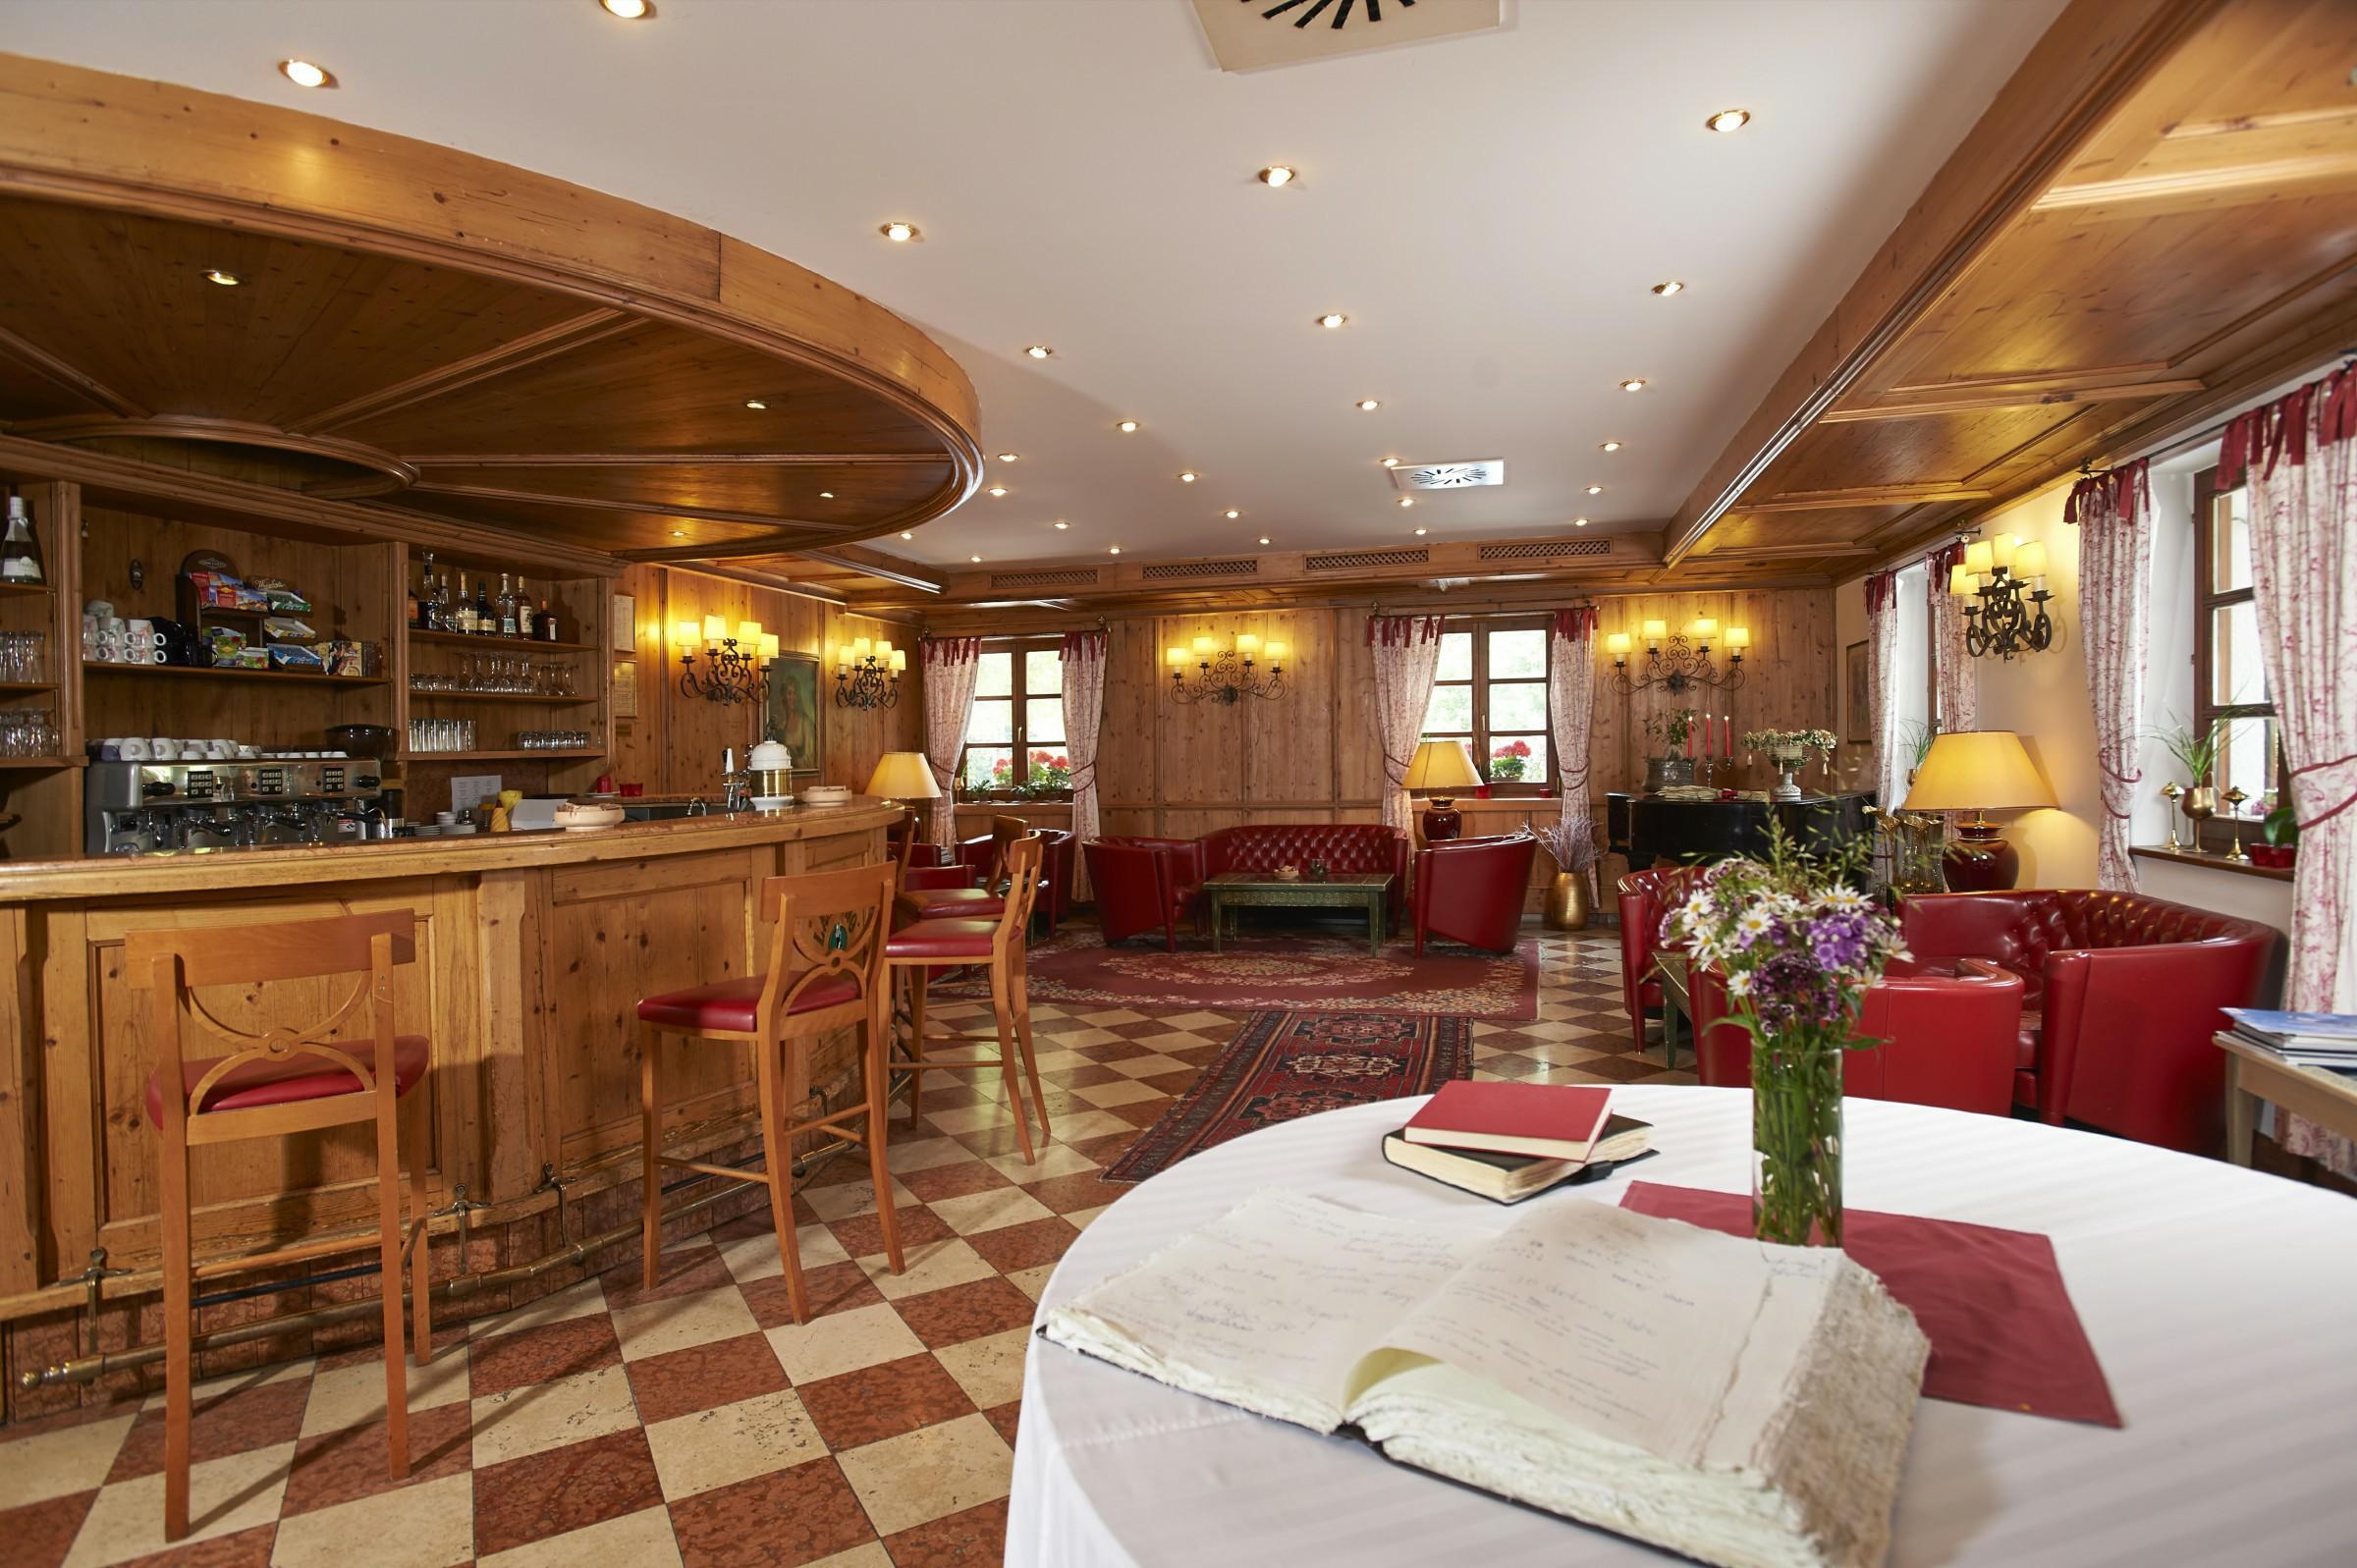 Hotel_plesnik (2)